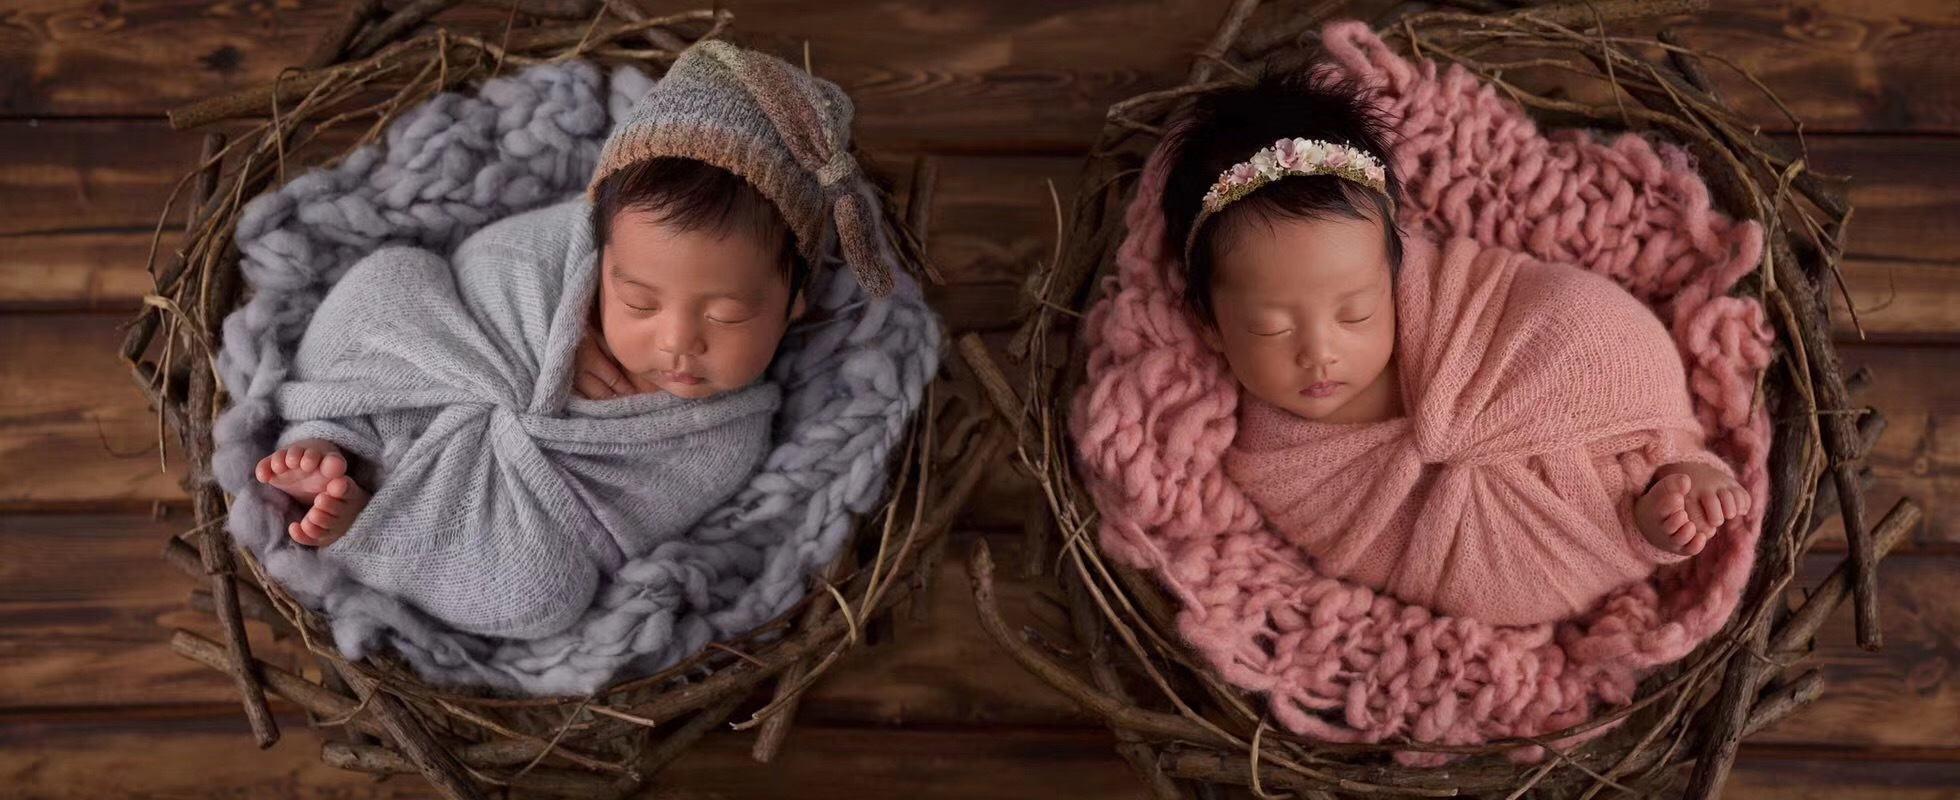 寶媽生出龍鳳胎,家人欣喜不已,醫生一句話瞬間轉喜為悲